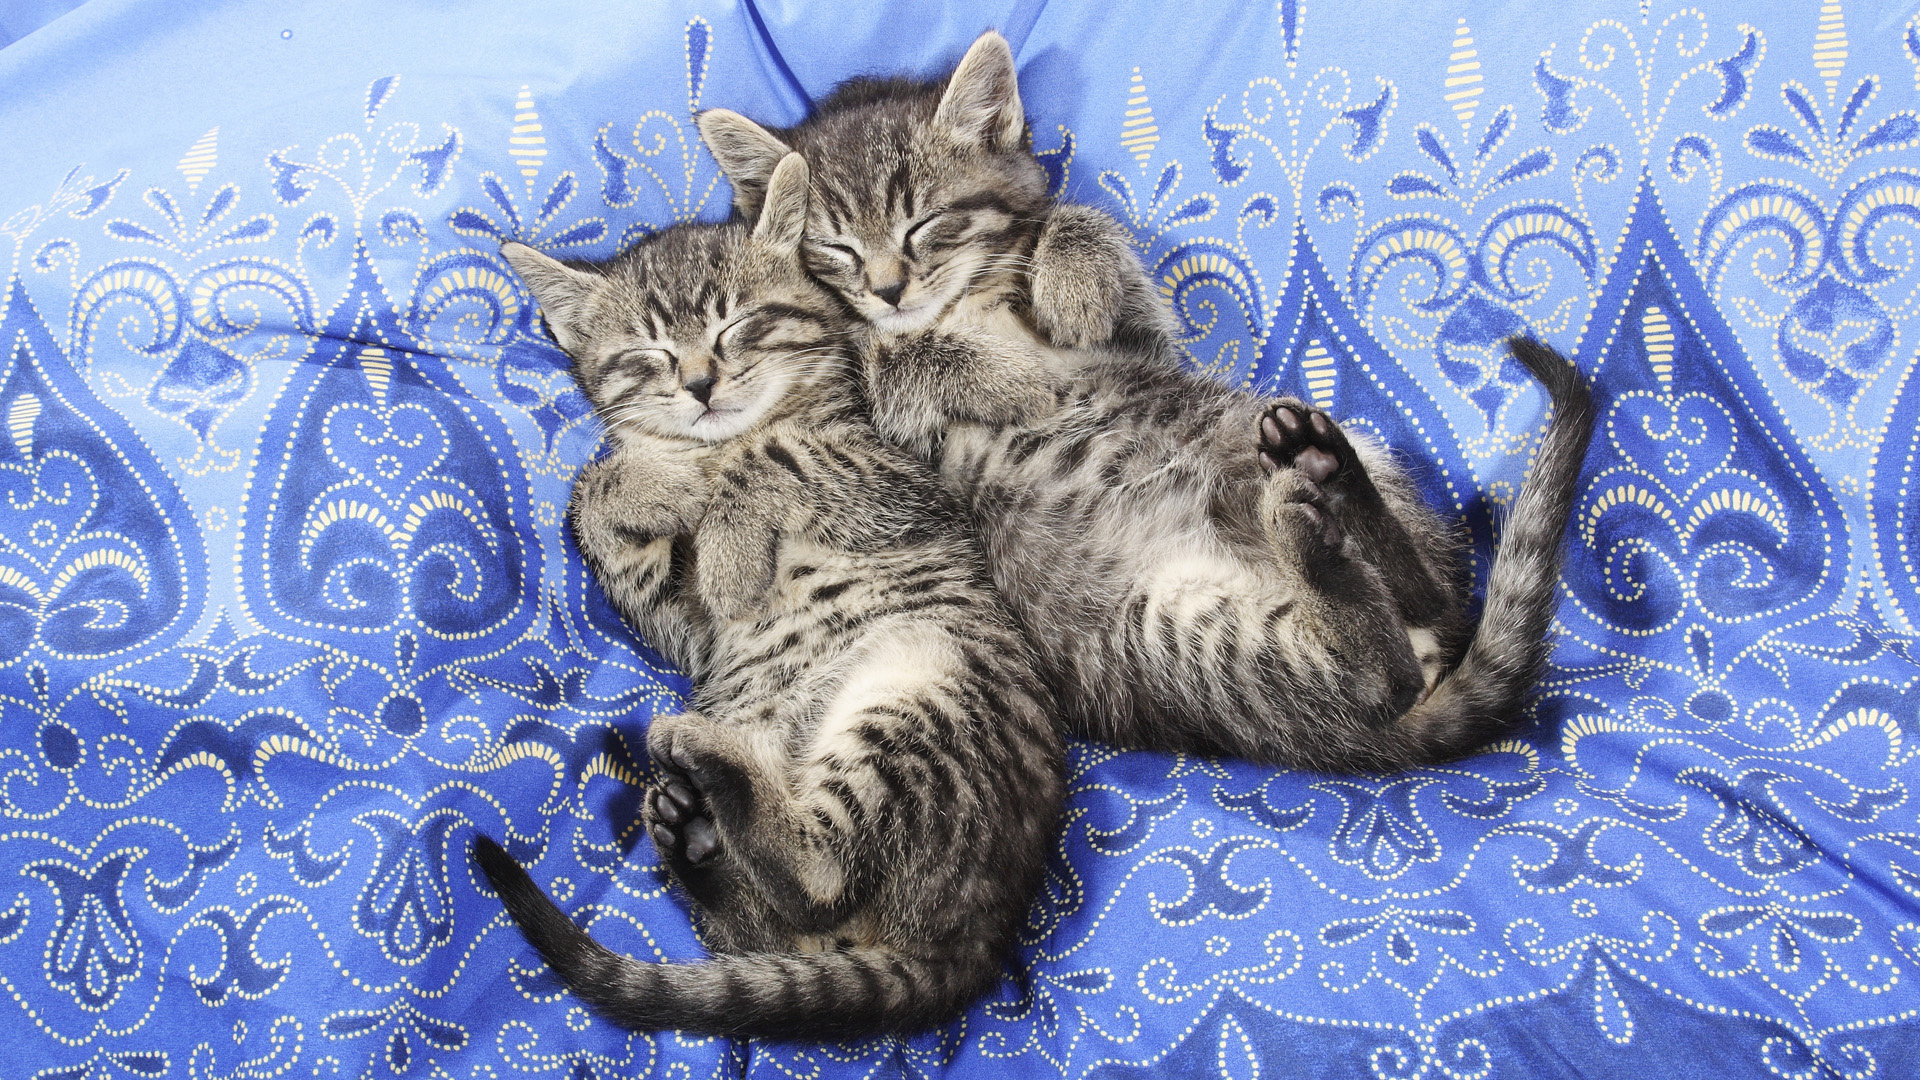 котята сон  № 3648459 бесплатно